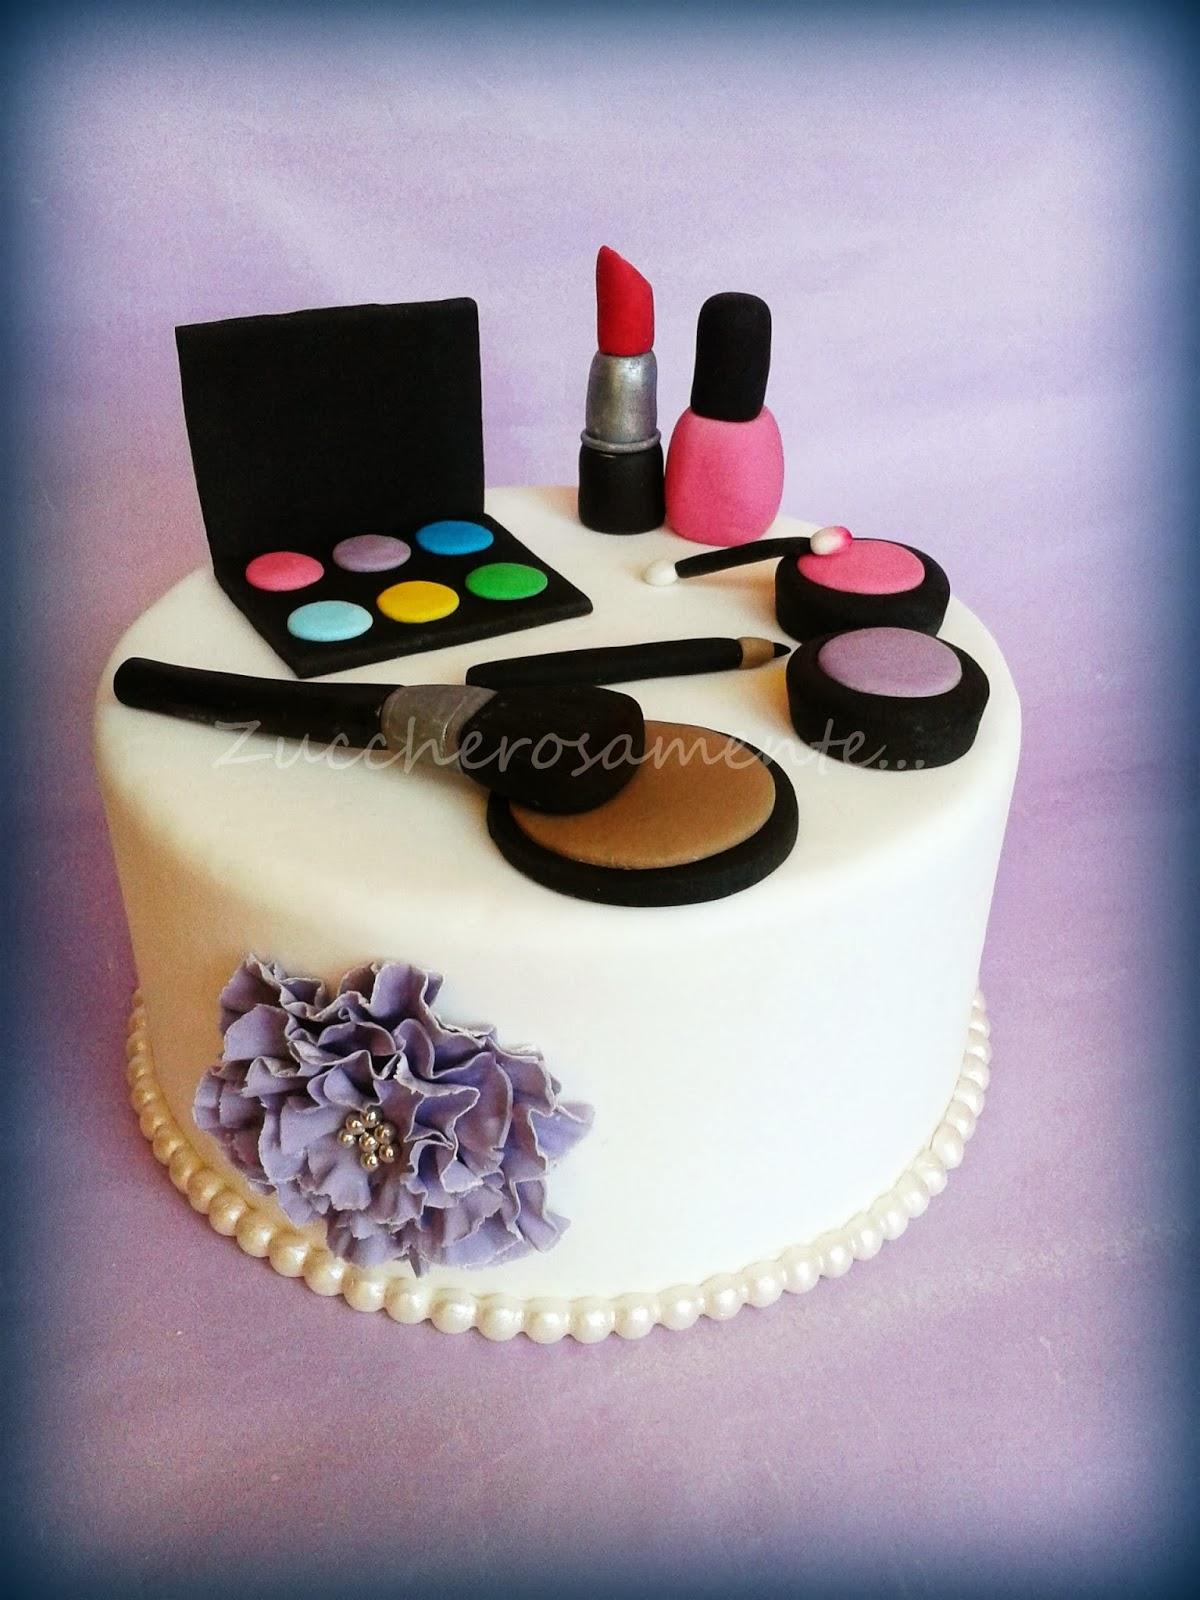 Zuccherosamente fashion cake torta con i trucchi for Corso di fashion design